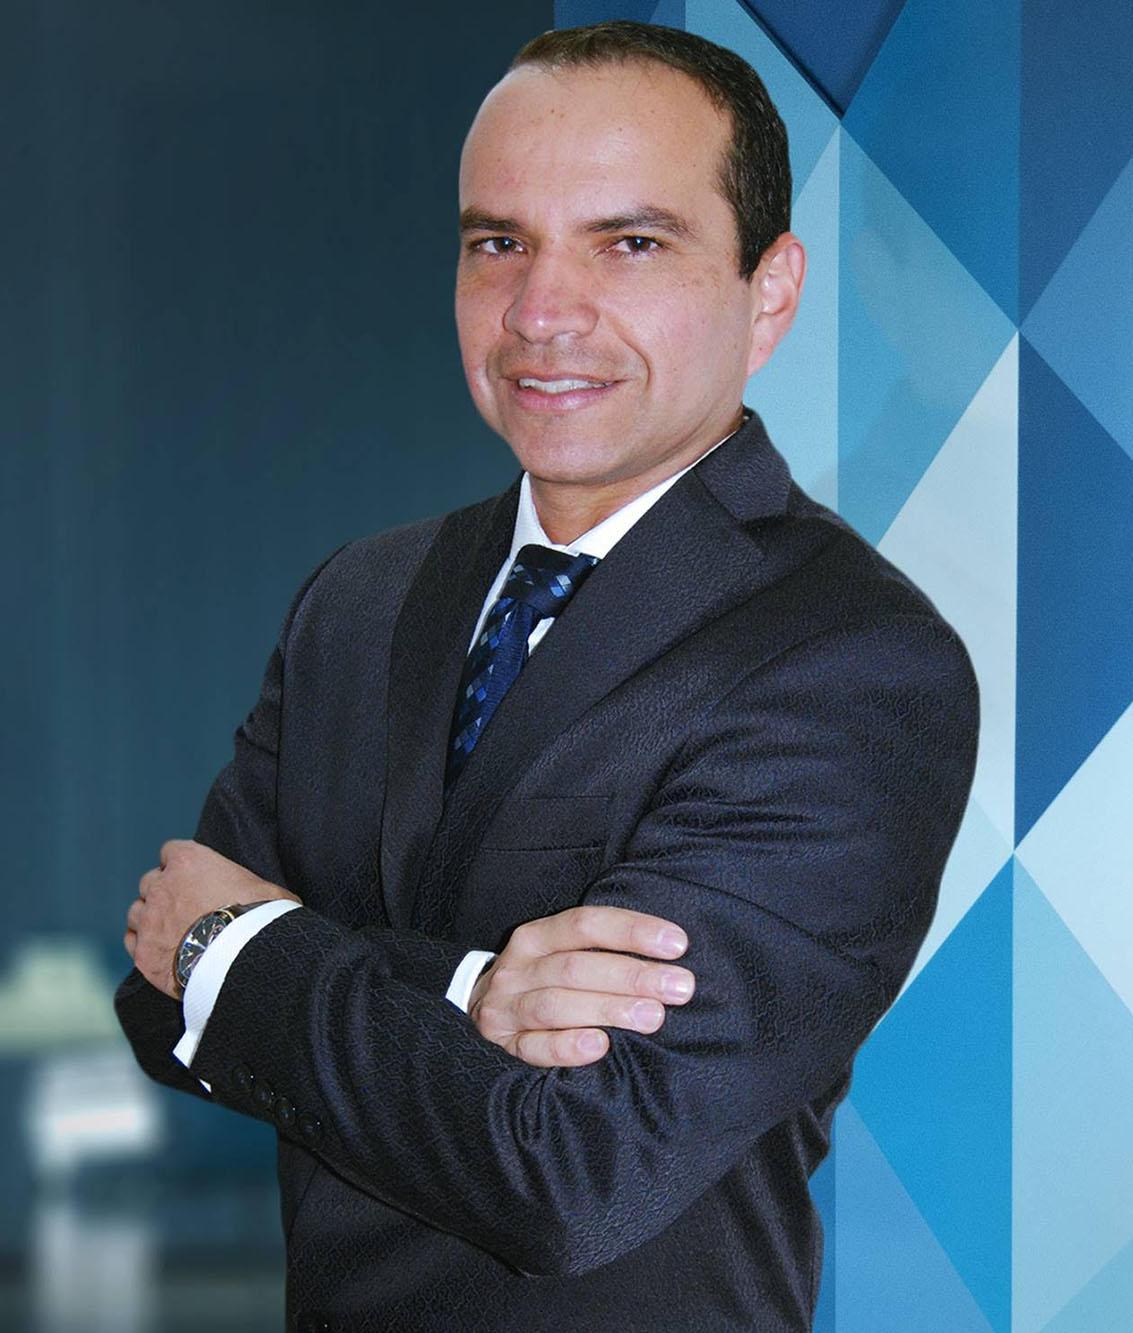 Omar Suarez